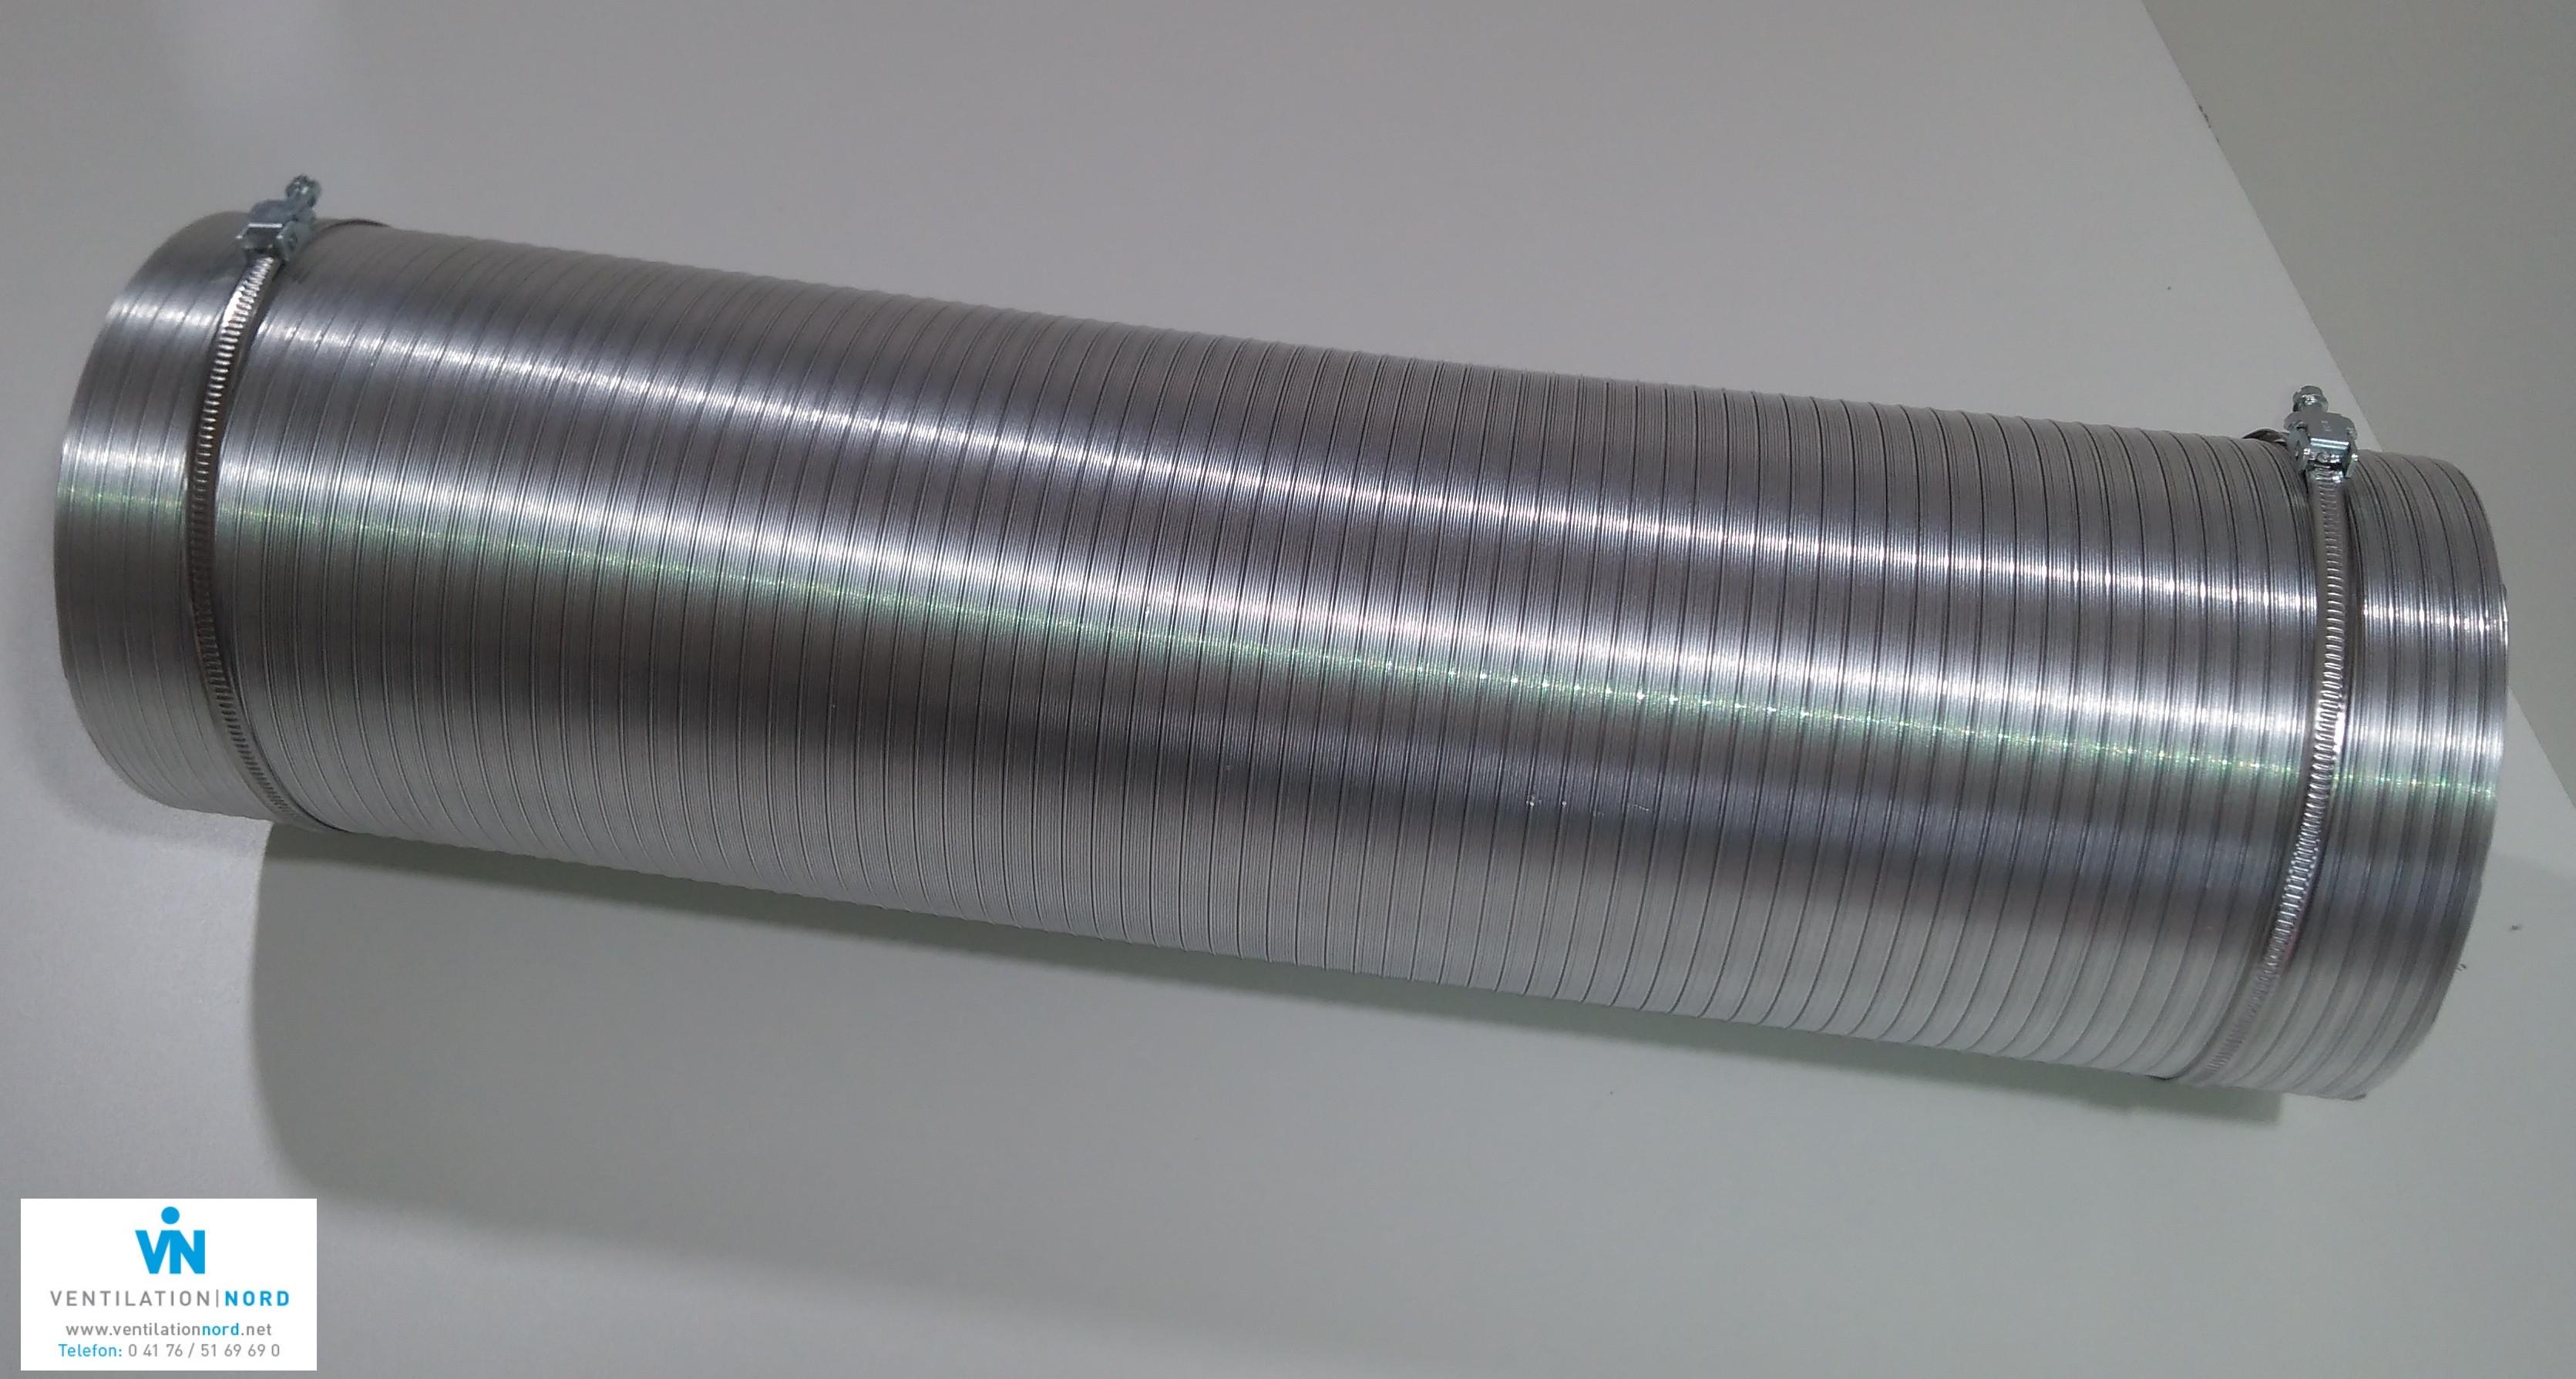 Aluflex Schlauch VentilationNord mit Schlauchschellen